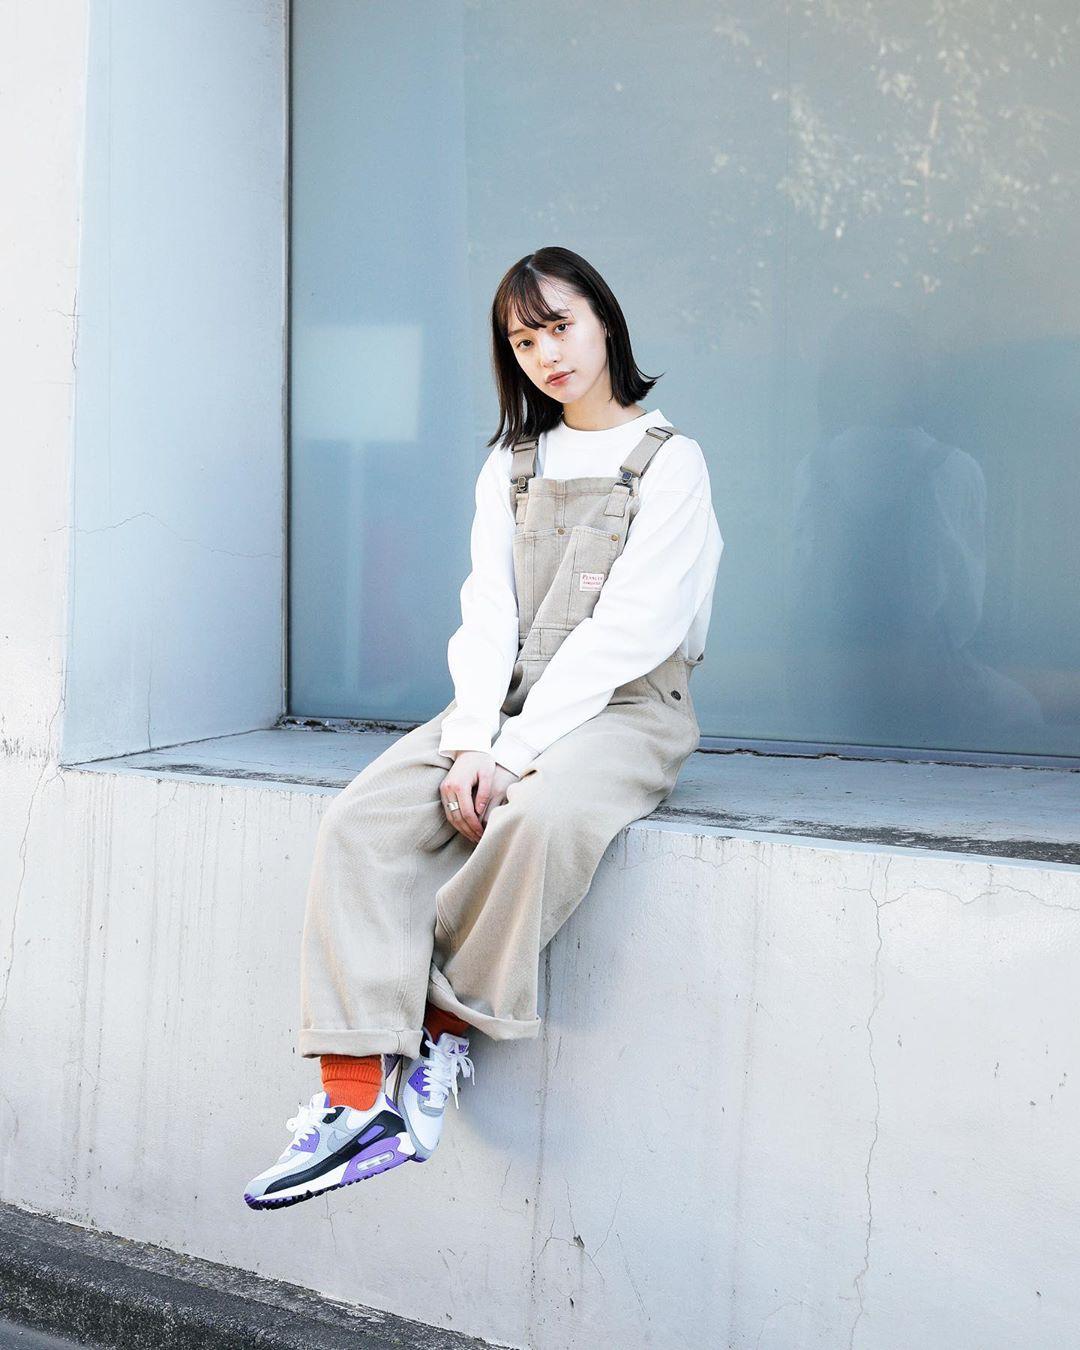 Cô gái phối đồ yếm kaki, áo thun trắng, giày thể thao, tất cam